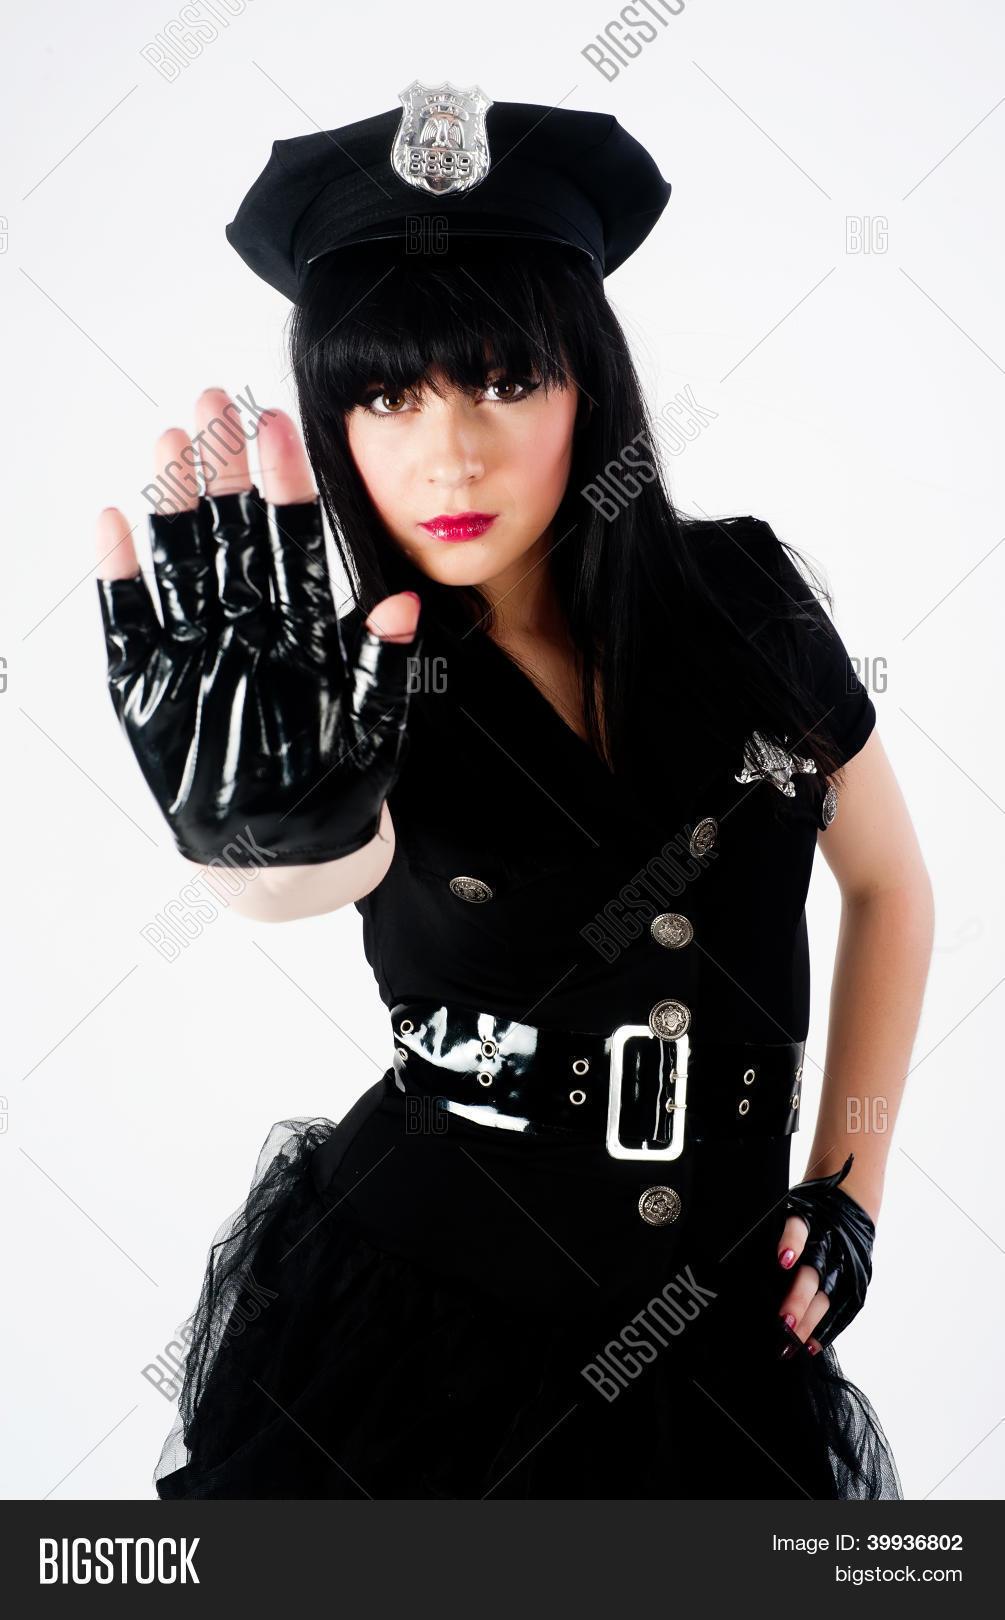 Фото молодых девочек в костюмах полиции 4 фотография